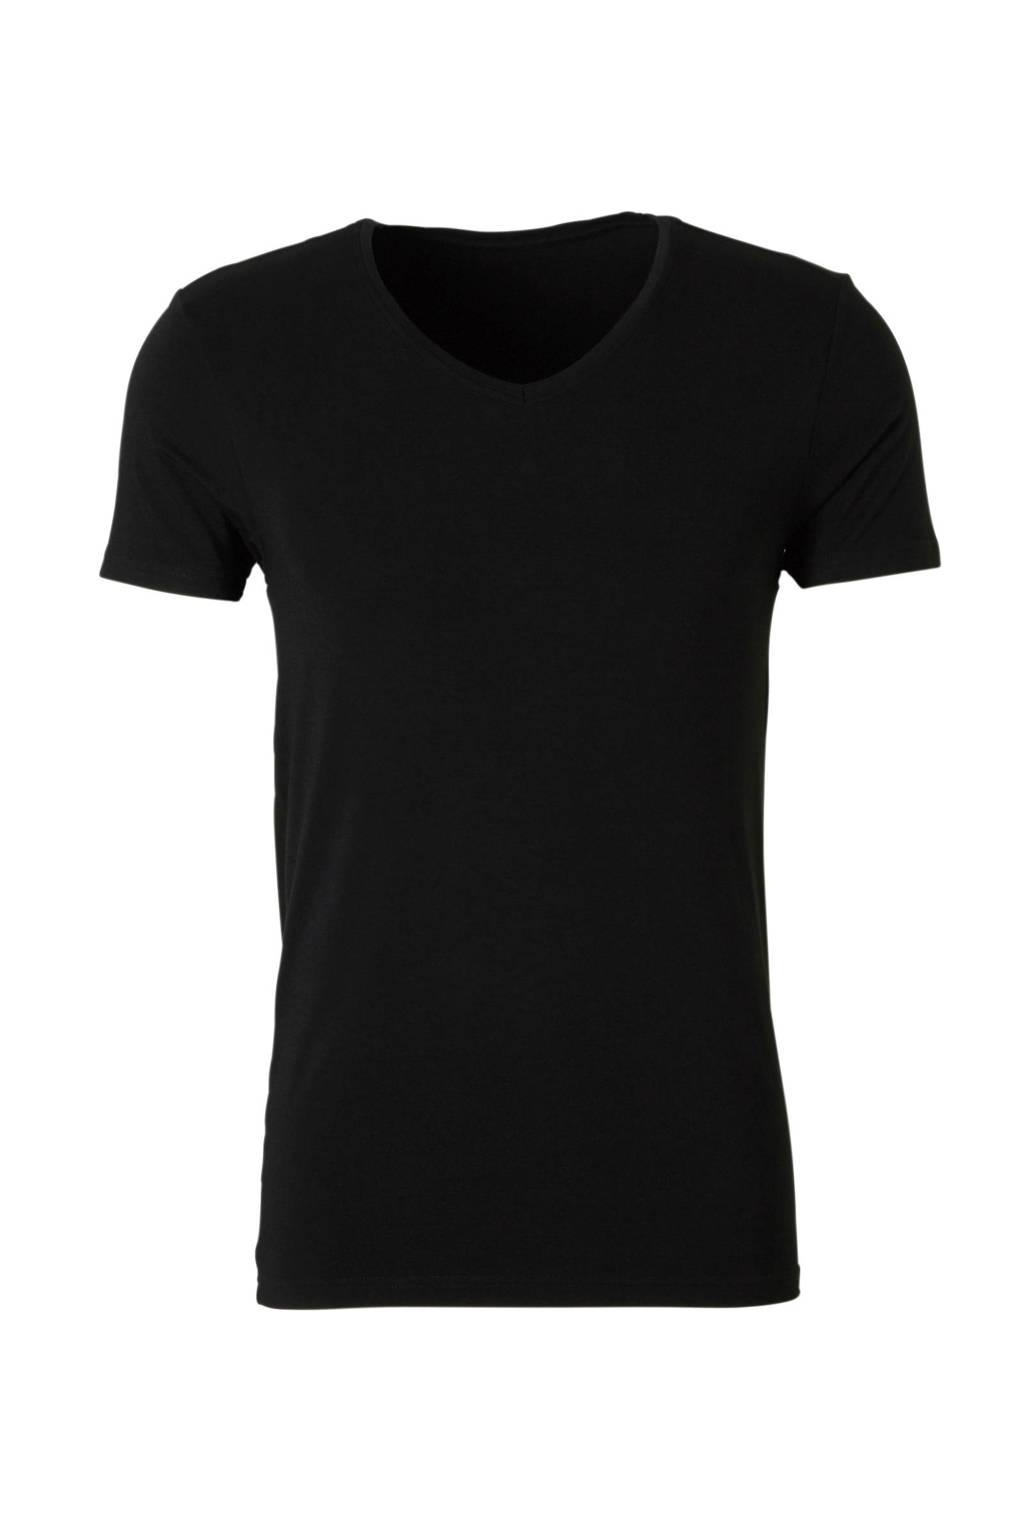 ten Cate T-shirt bamboe zwart, Zwart